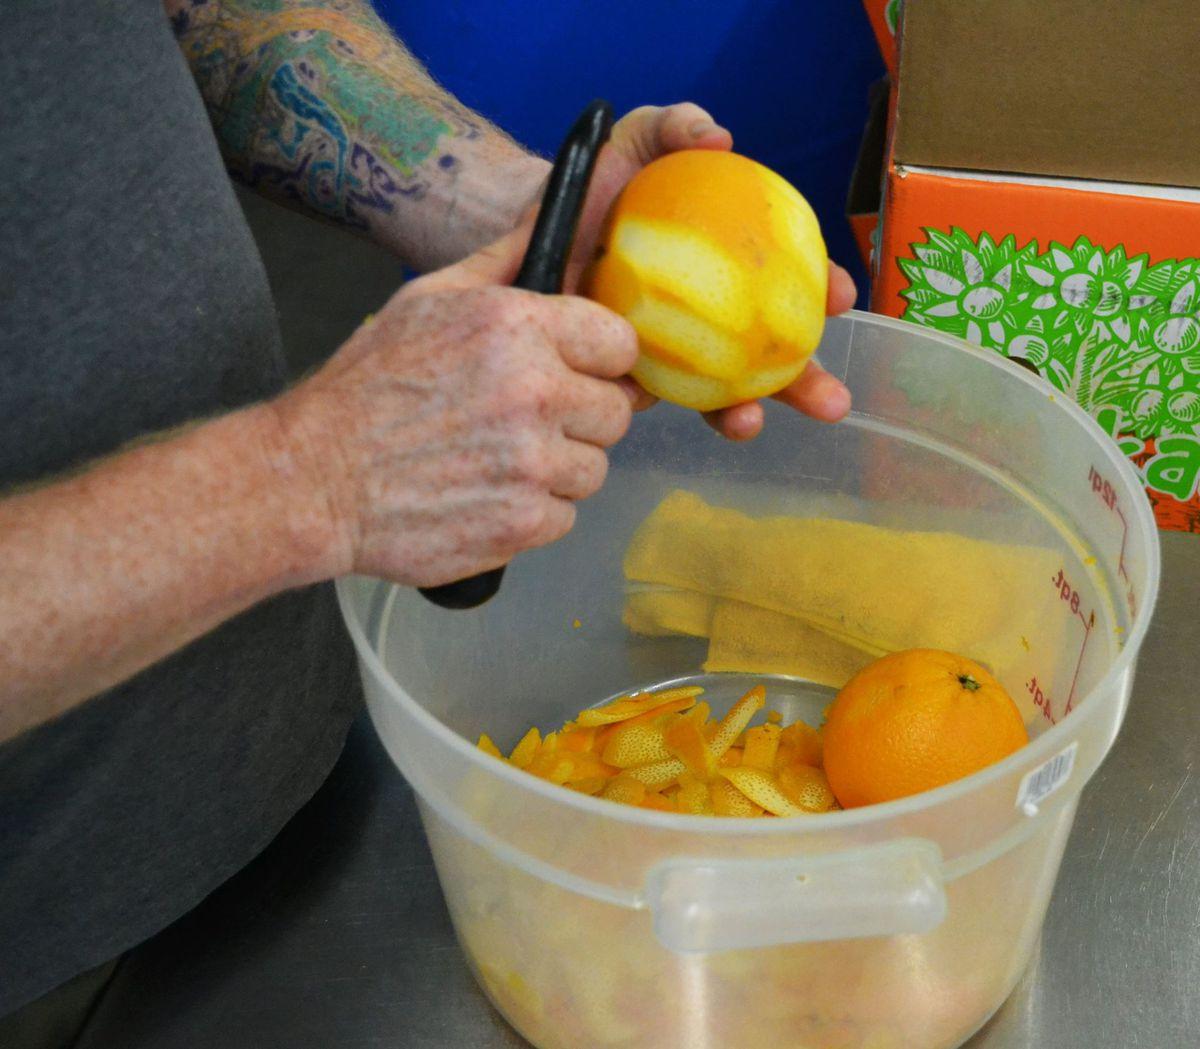 Peeling oranges for Paula's Texas Orange